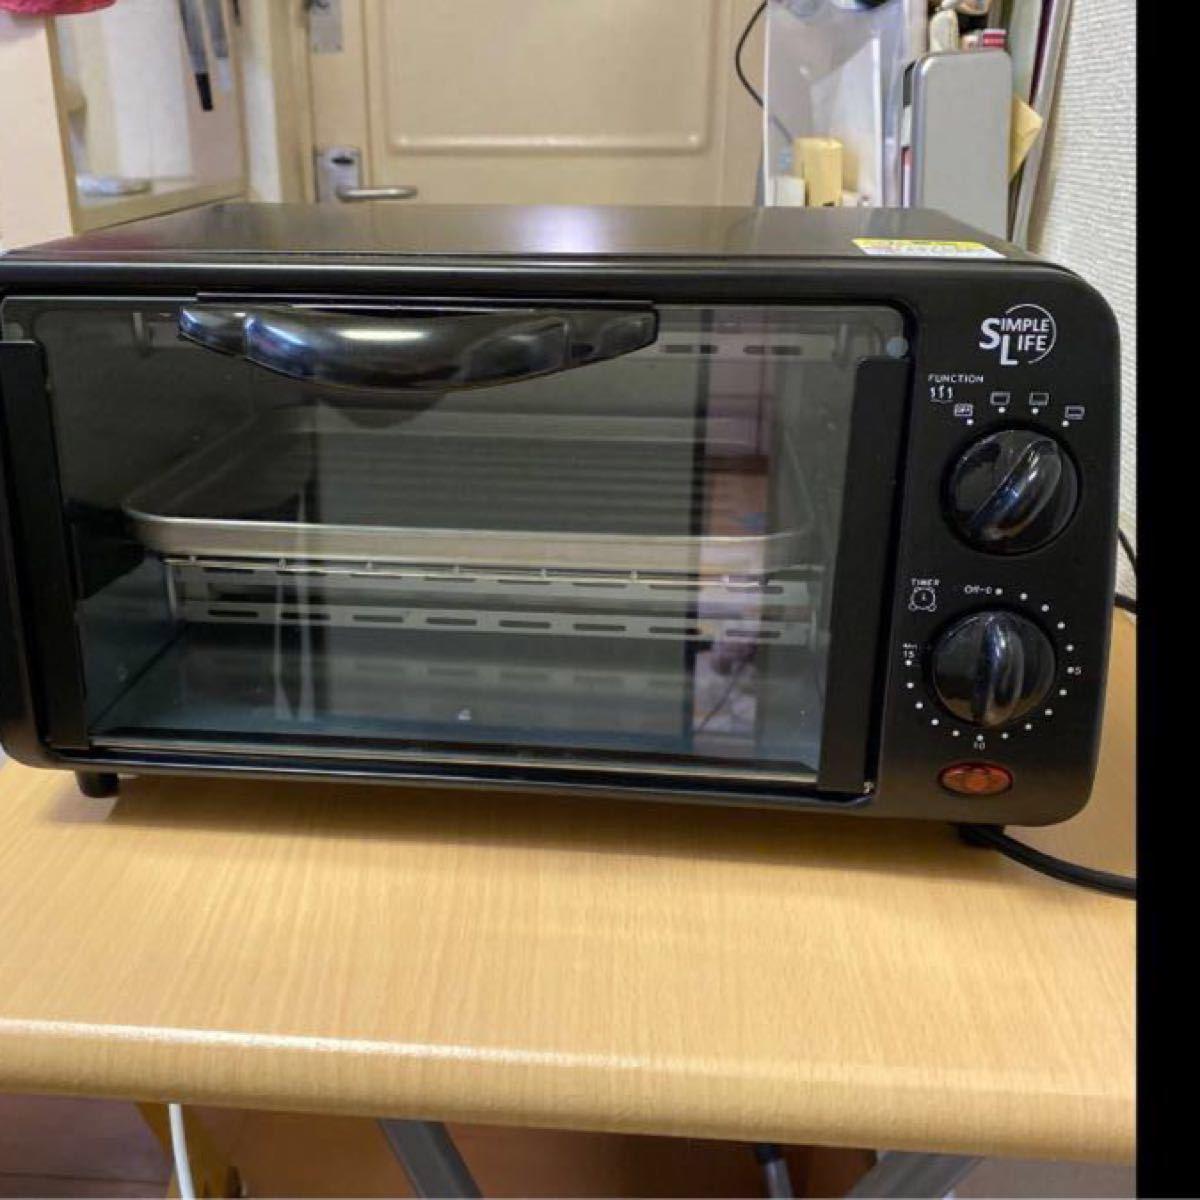 トースター オーブントースター グラタン ピザ フライ キッチン家電 トースト